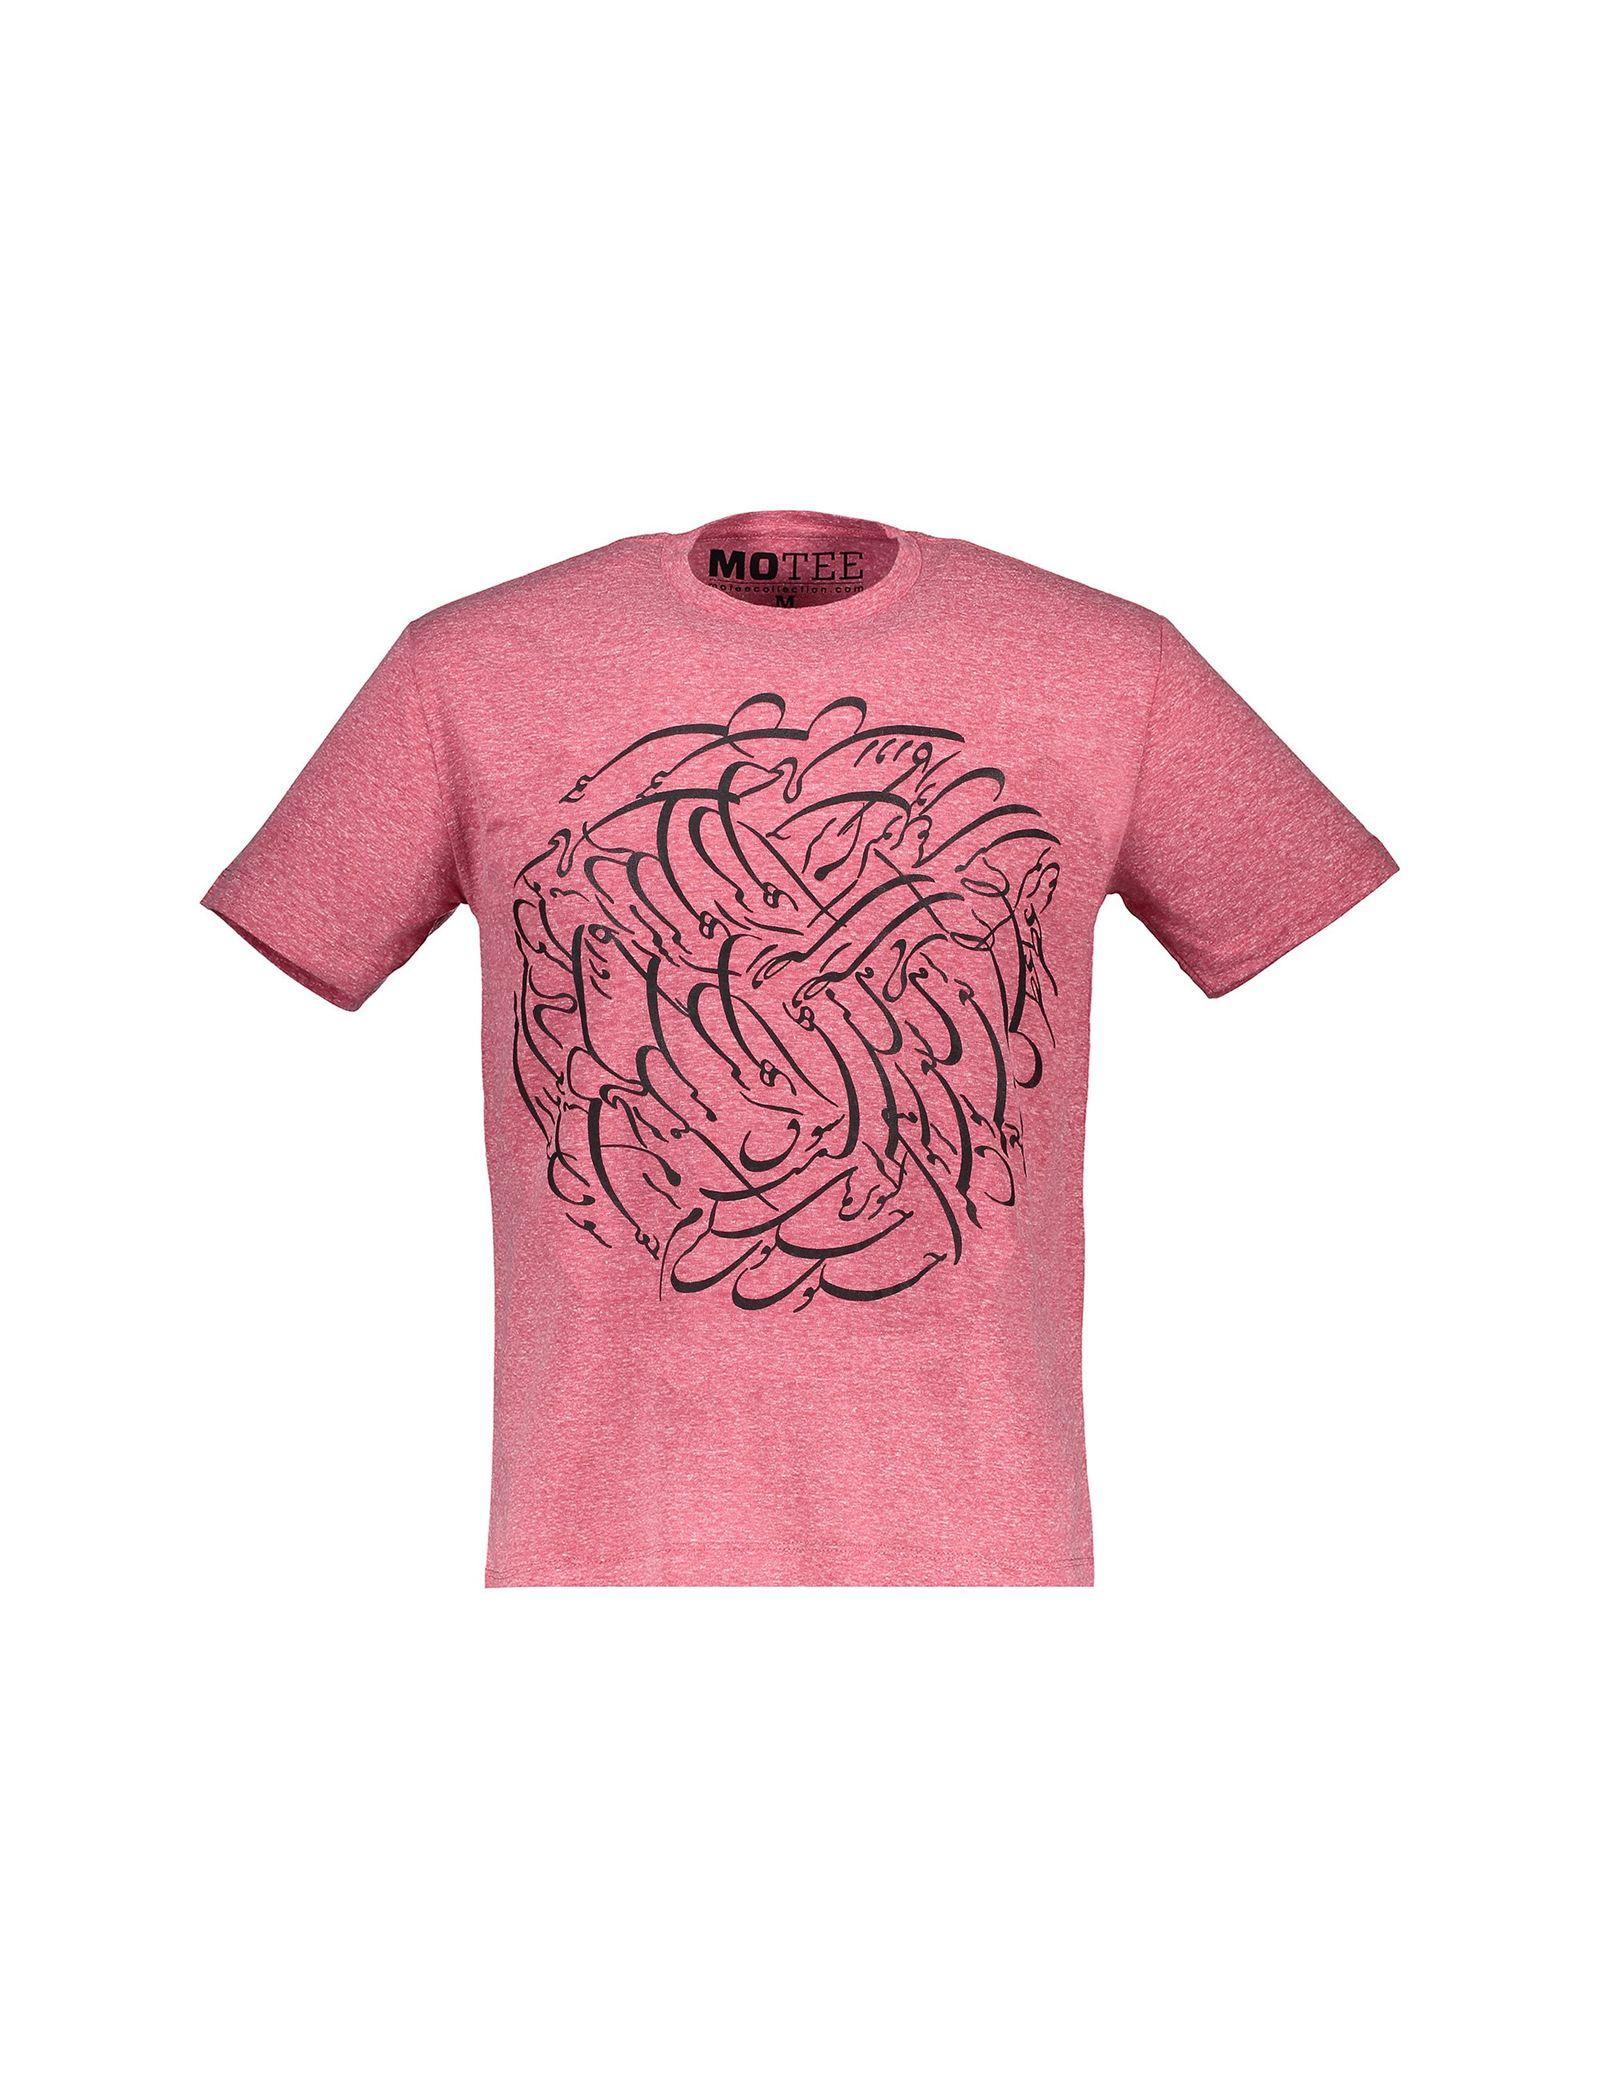 تی شرت یقه گرد مردانه - متی - صورتي - 1